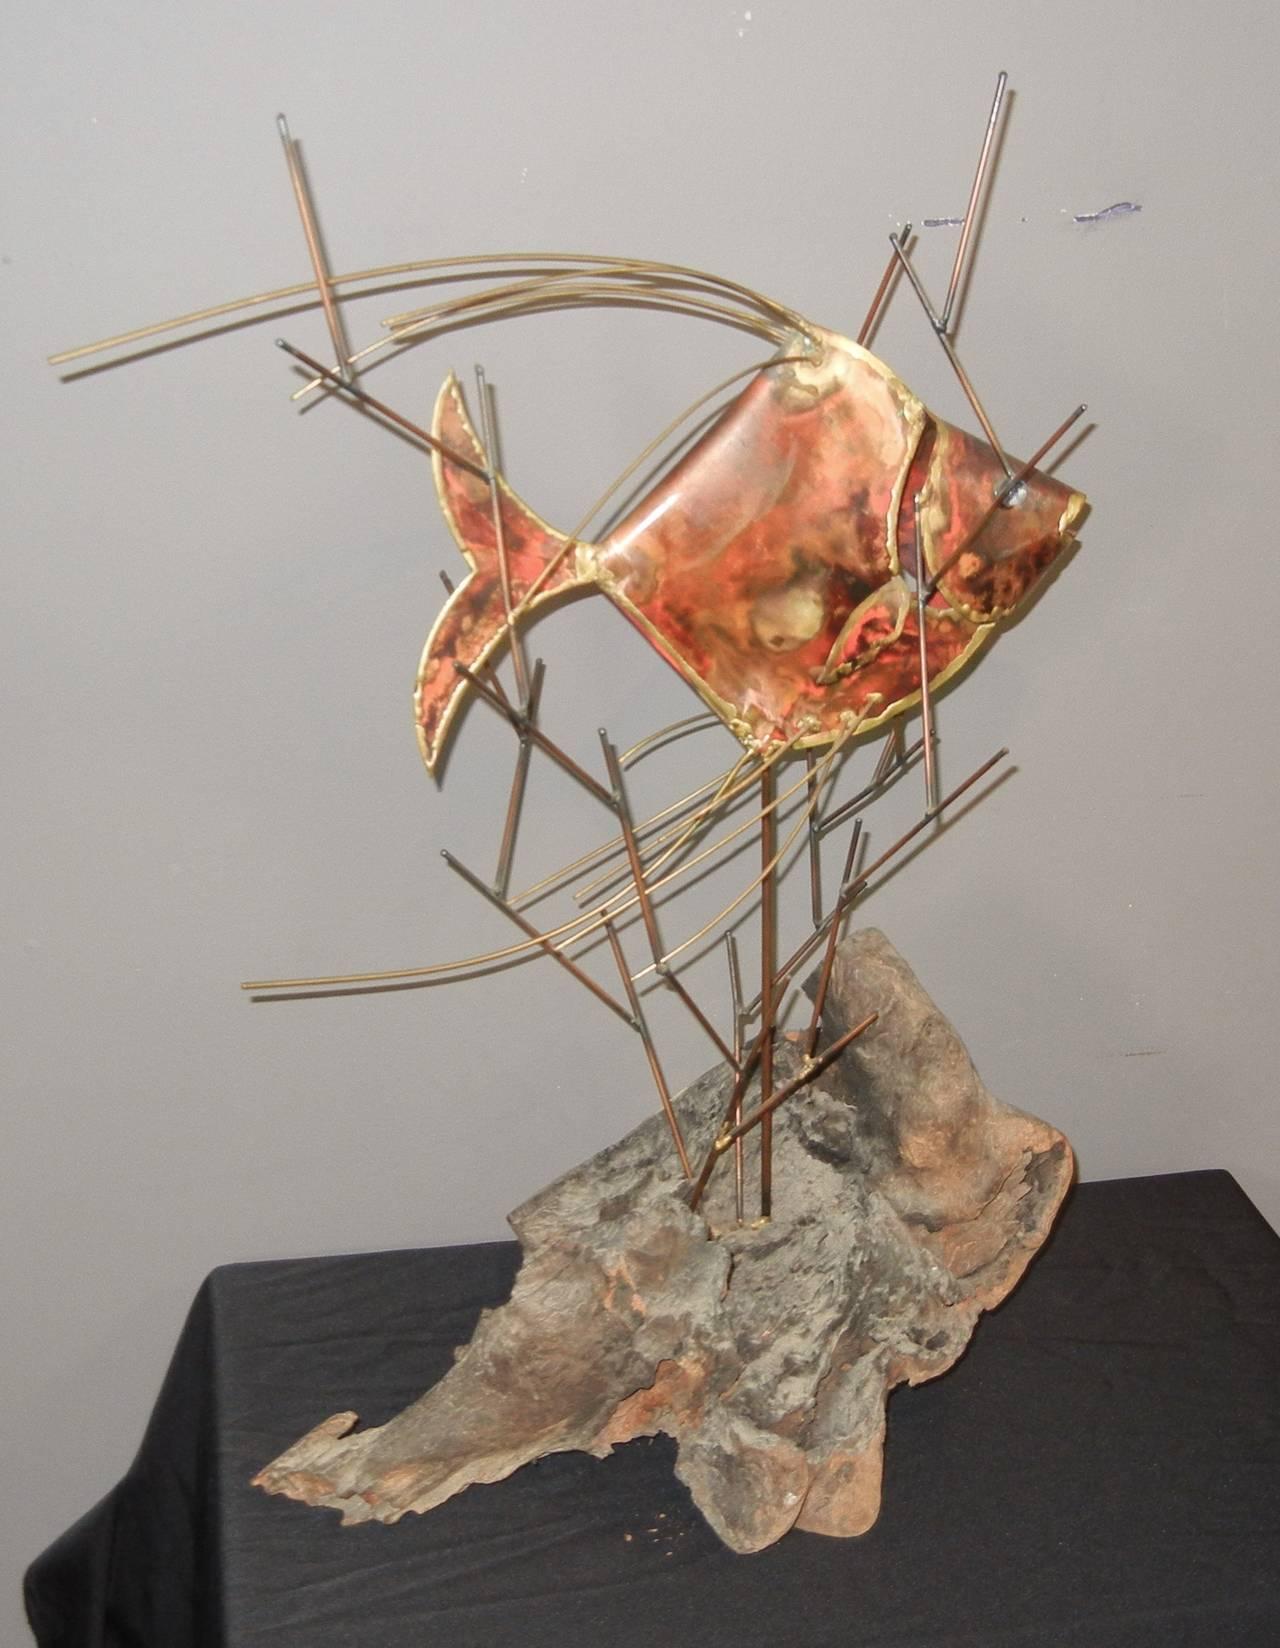 Vintage Copper Large Table-Top Fish Sculpture, Alex Kovacs, 1976 For Sale 1